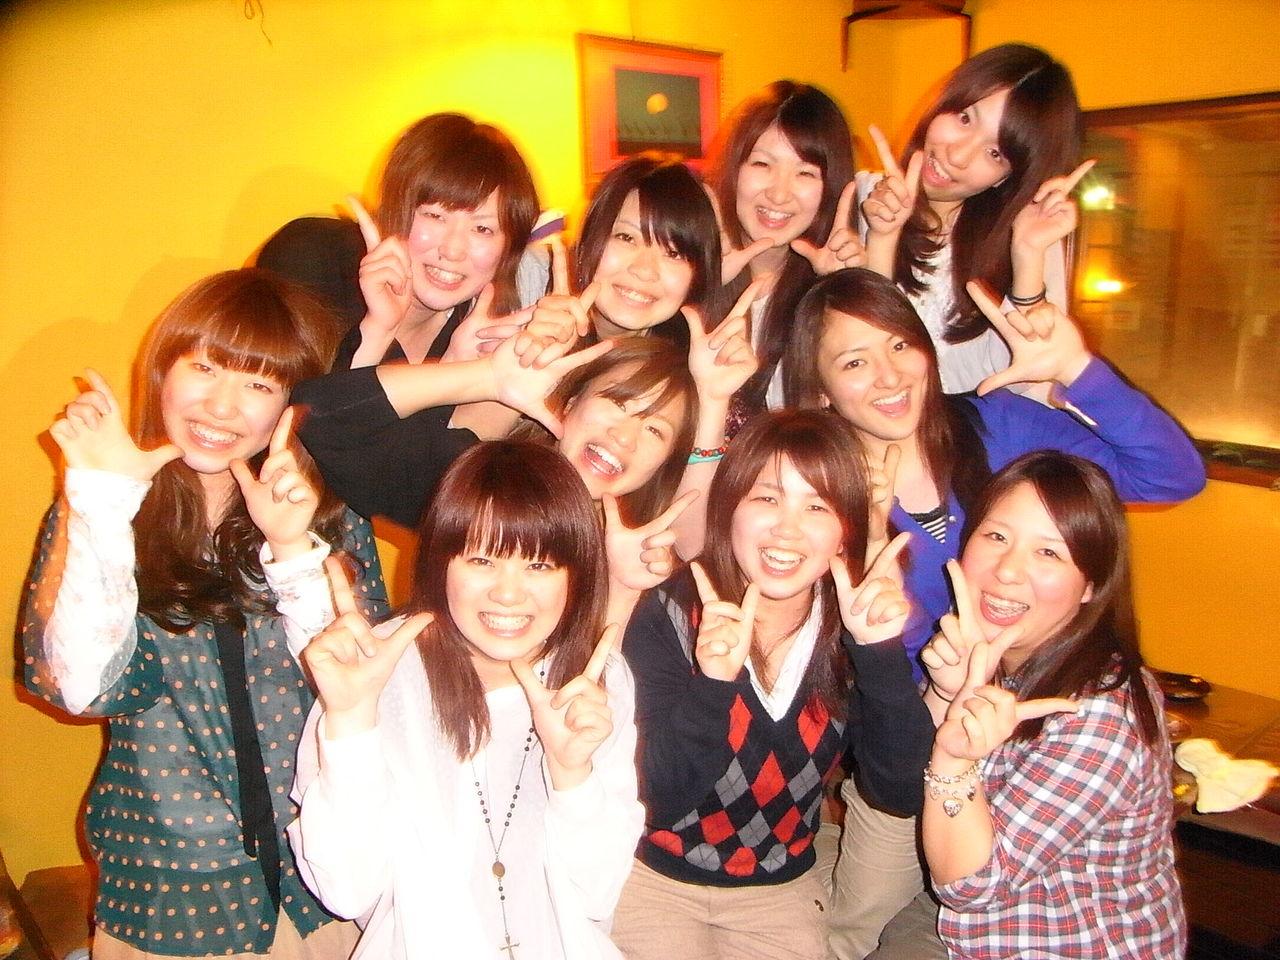 鉄板ダイニングkinsobar 公式ブログ:最終日です - livedoor blog(ブログ)